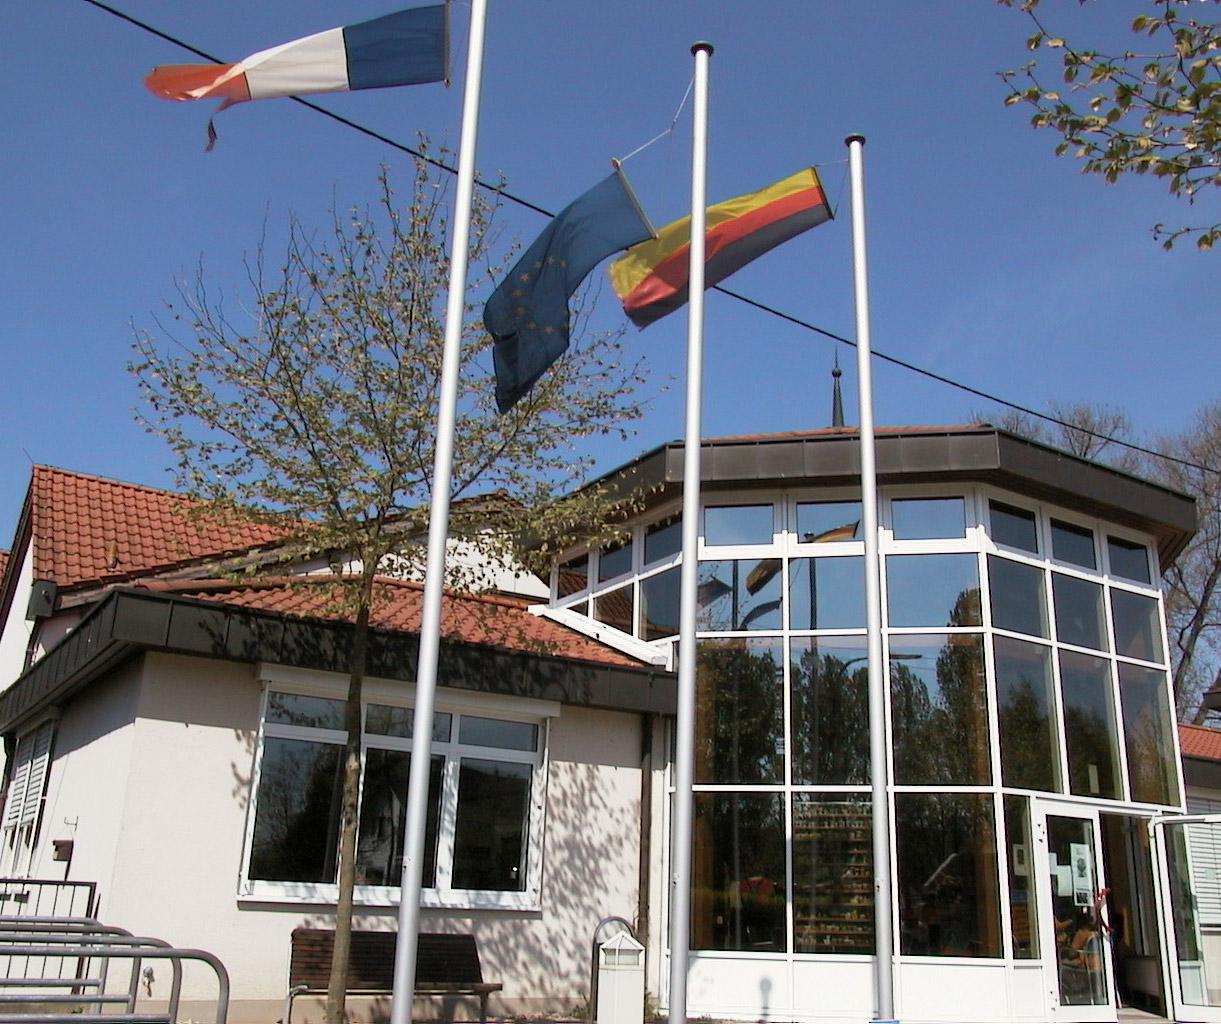 Maison Jean Schaub